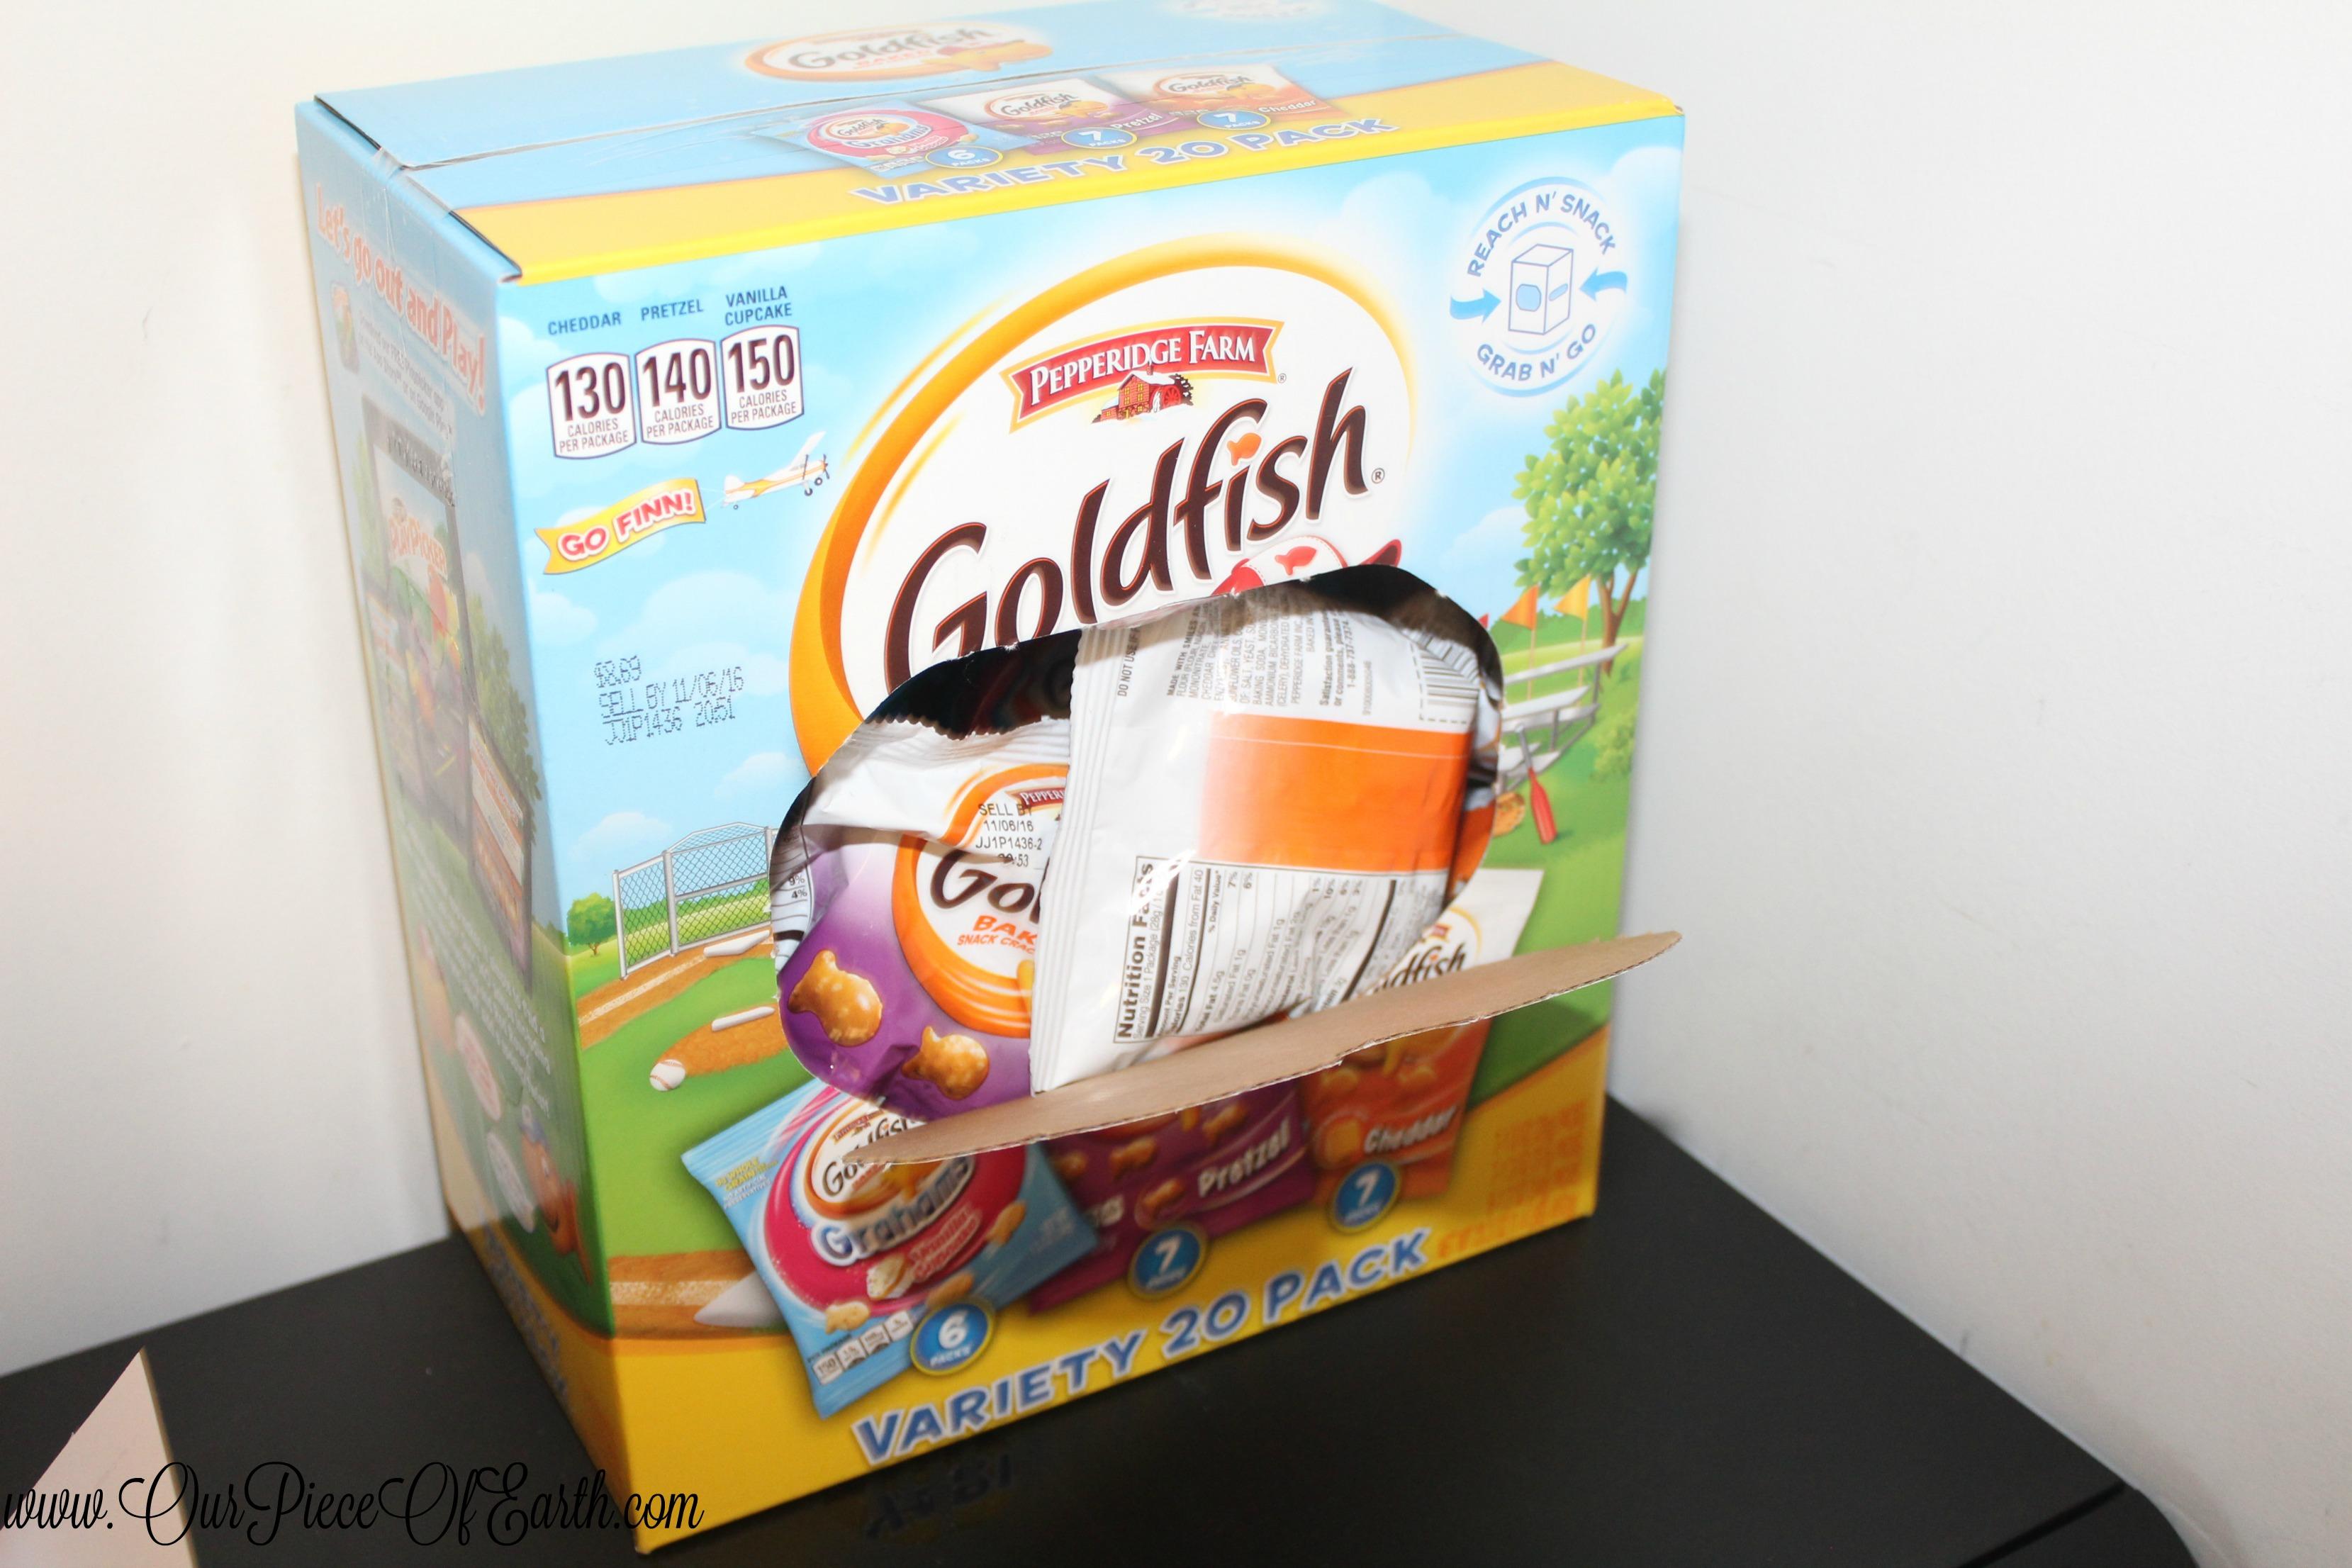 Goldfish variety pack